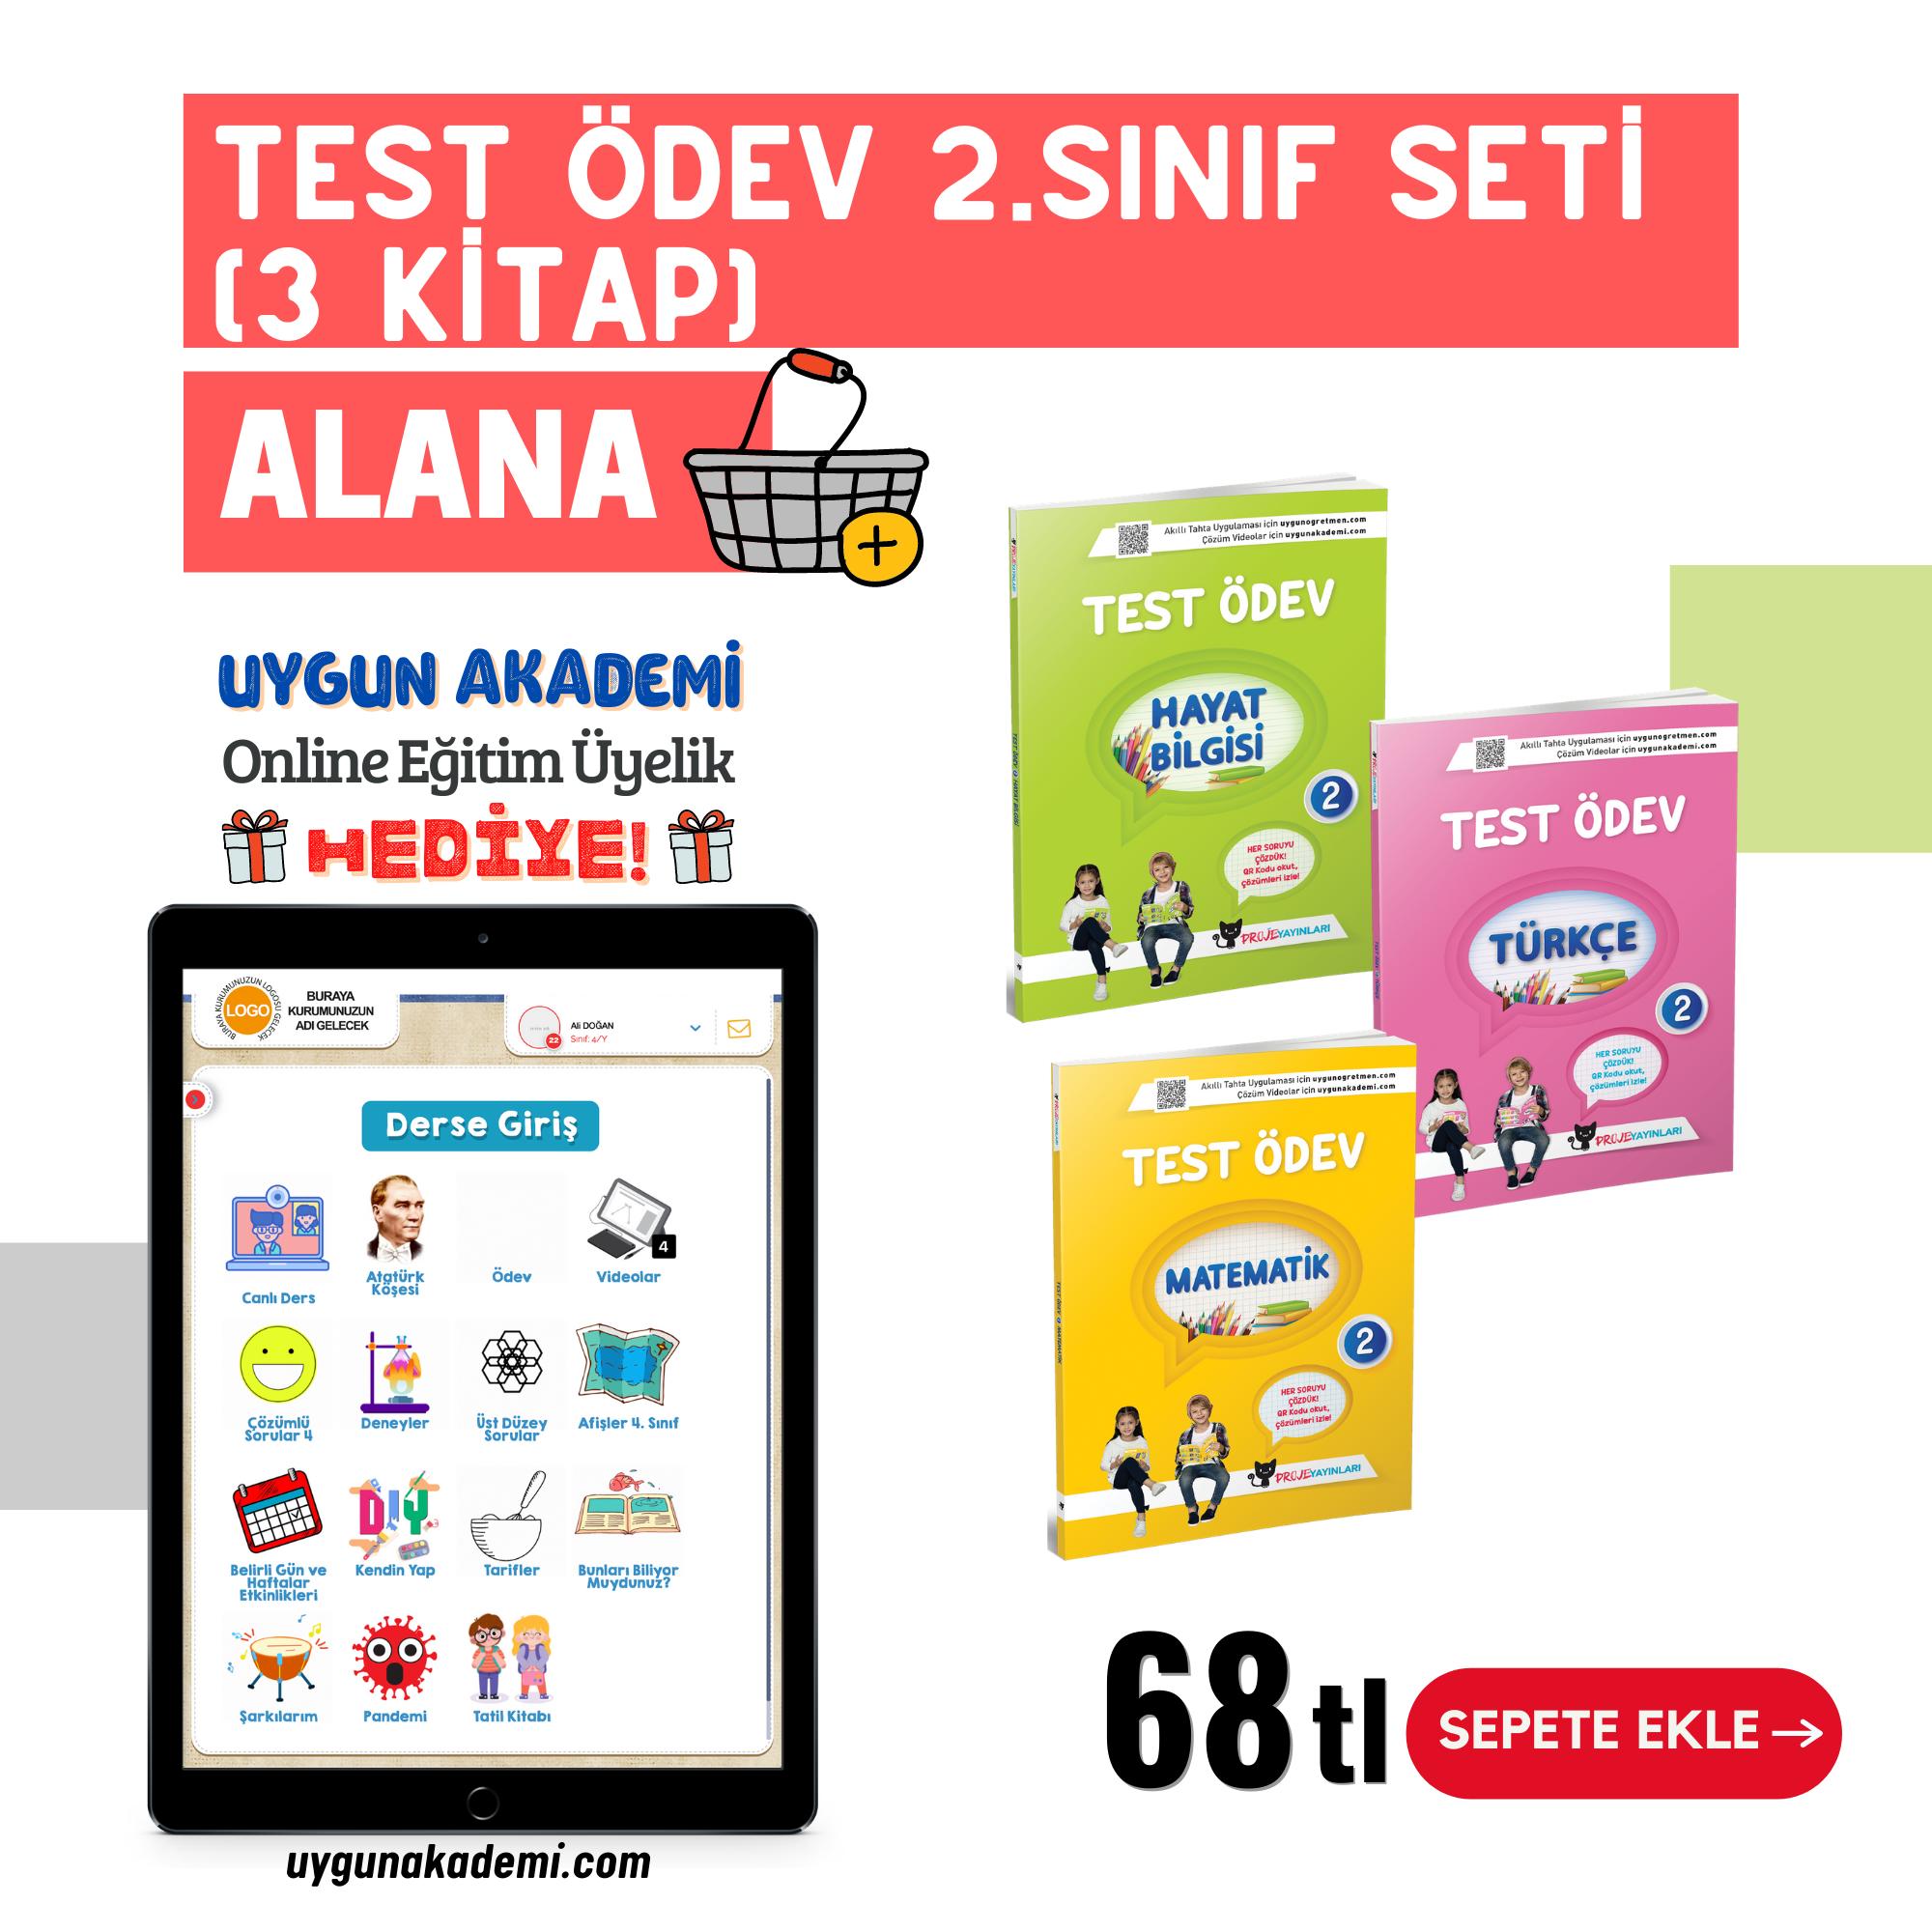 UYGUN – Test Ödev – 2. Sınıf Seti (3 Kitap) Alana Online Eğitim Üyelik Hediye!